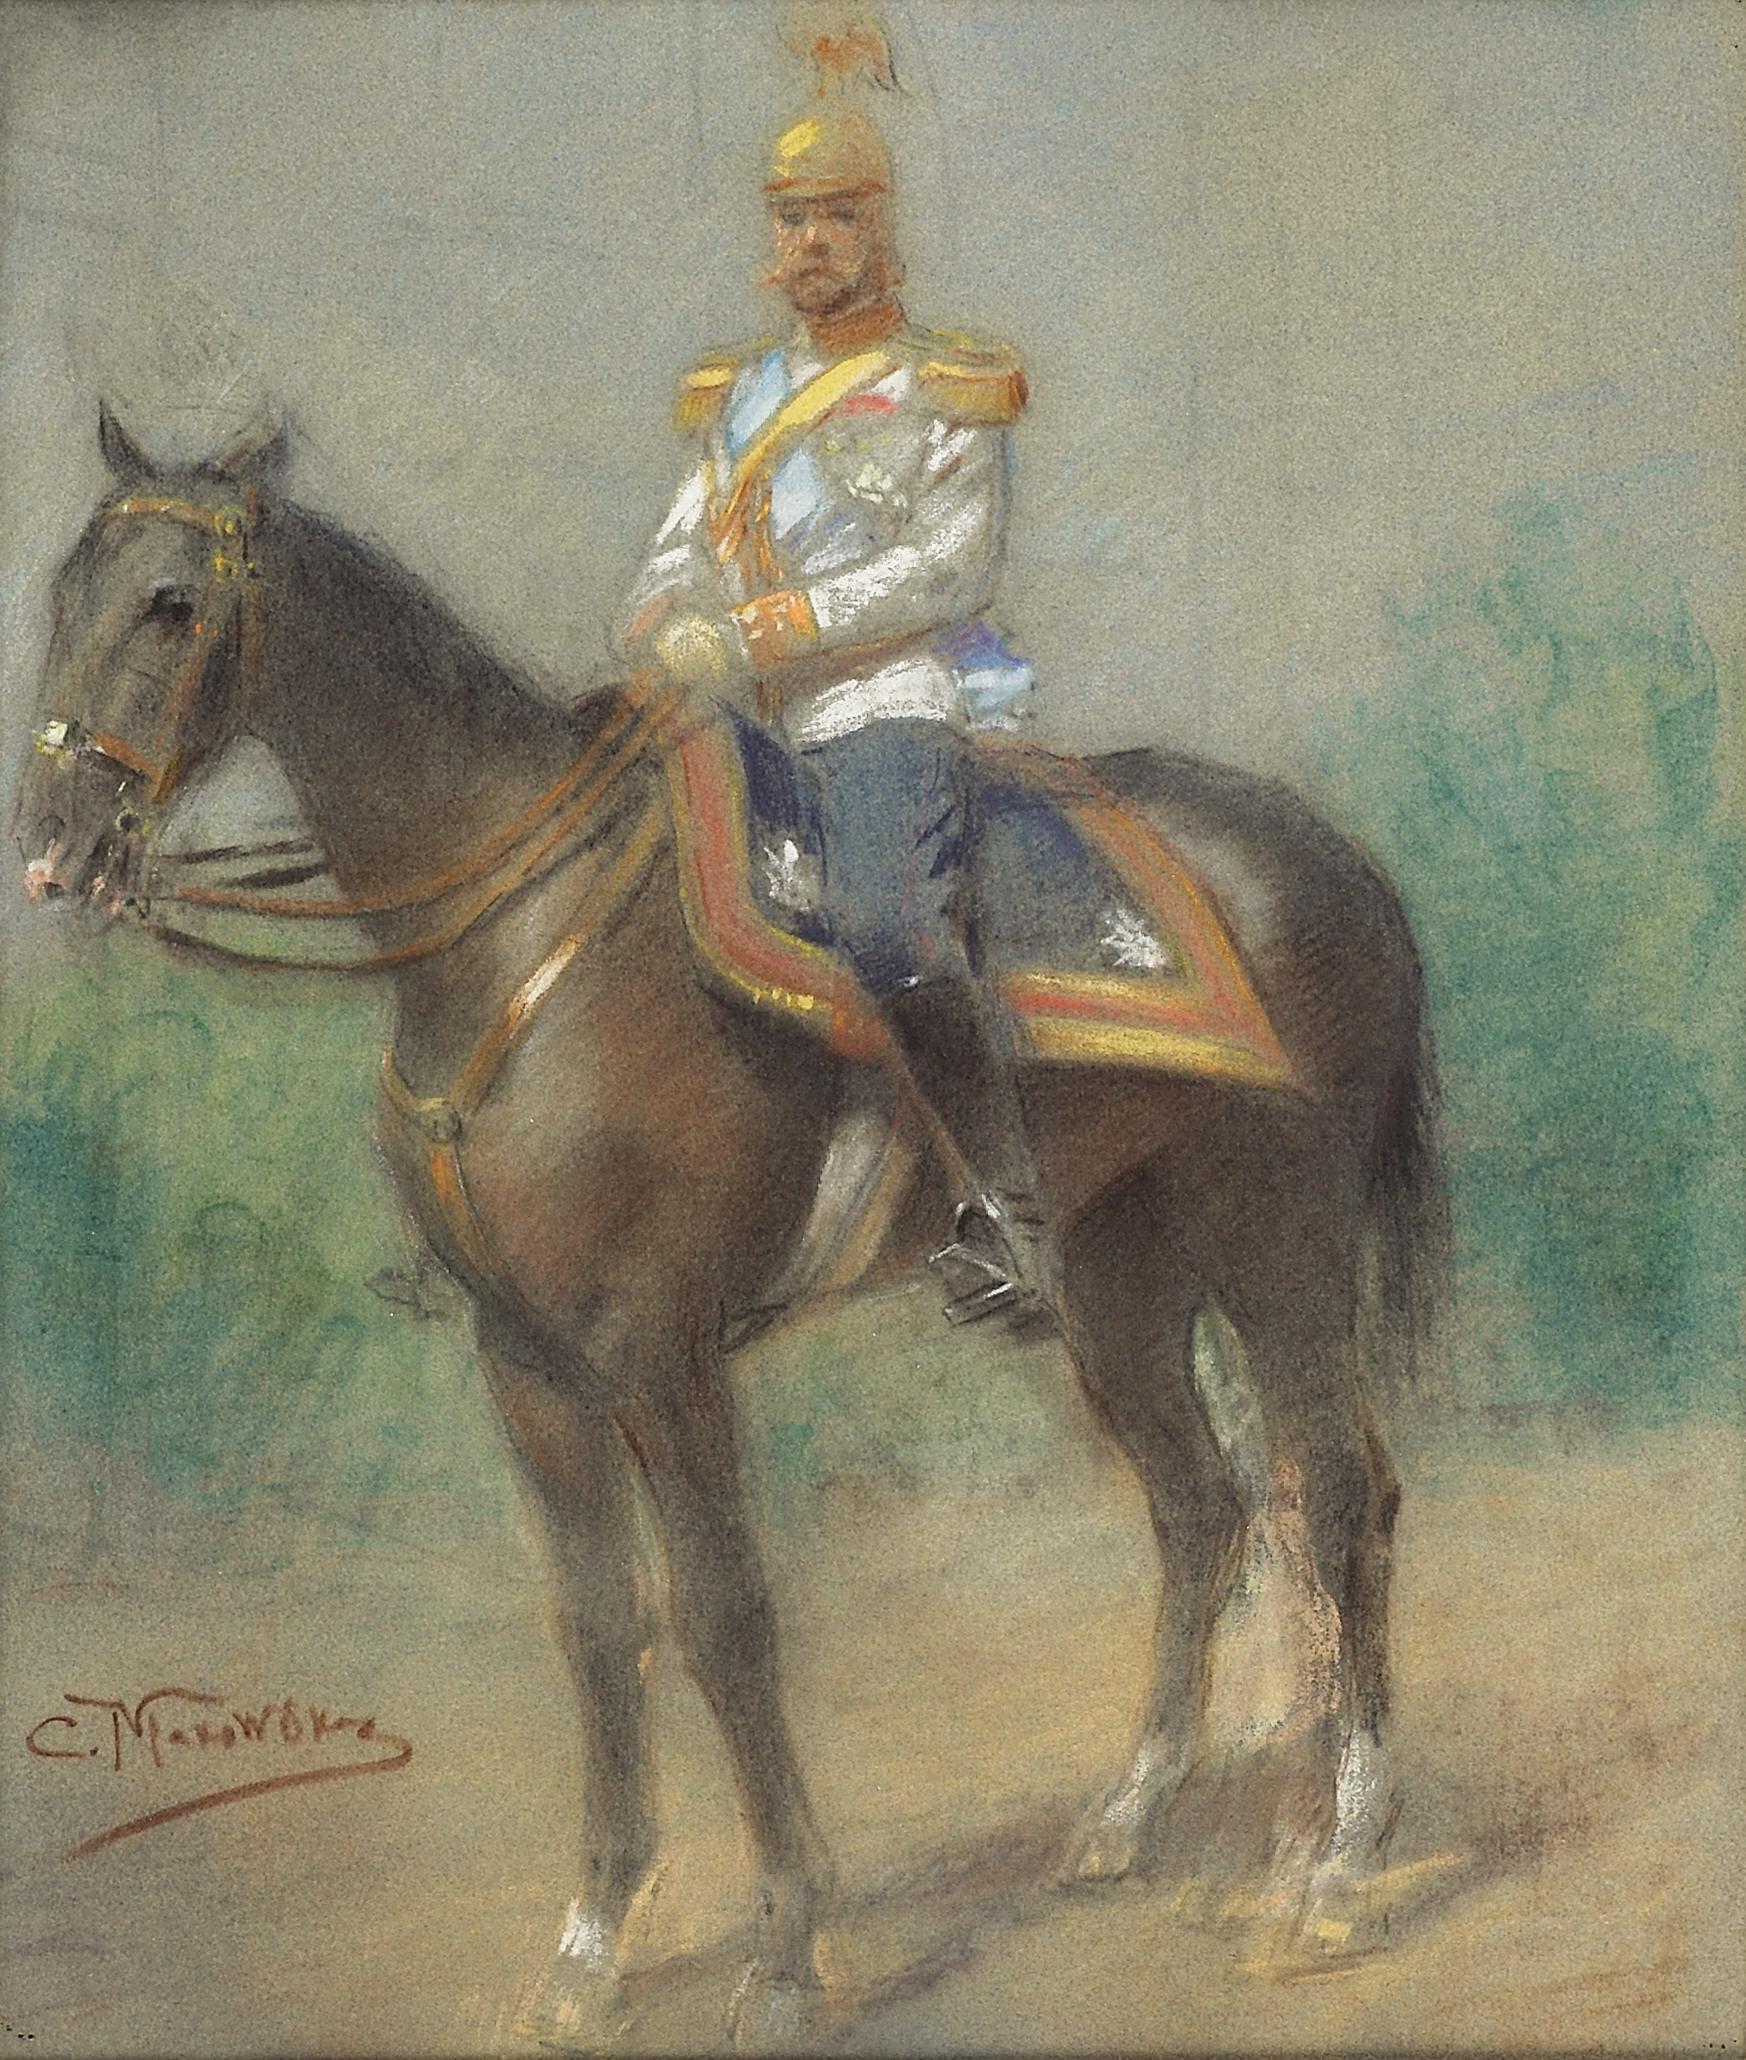 Tsar Nicholas II on Horseback